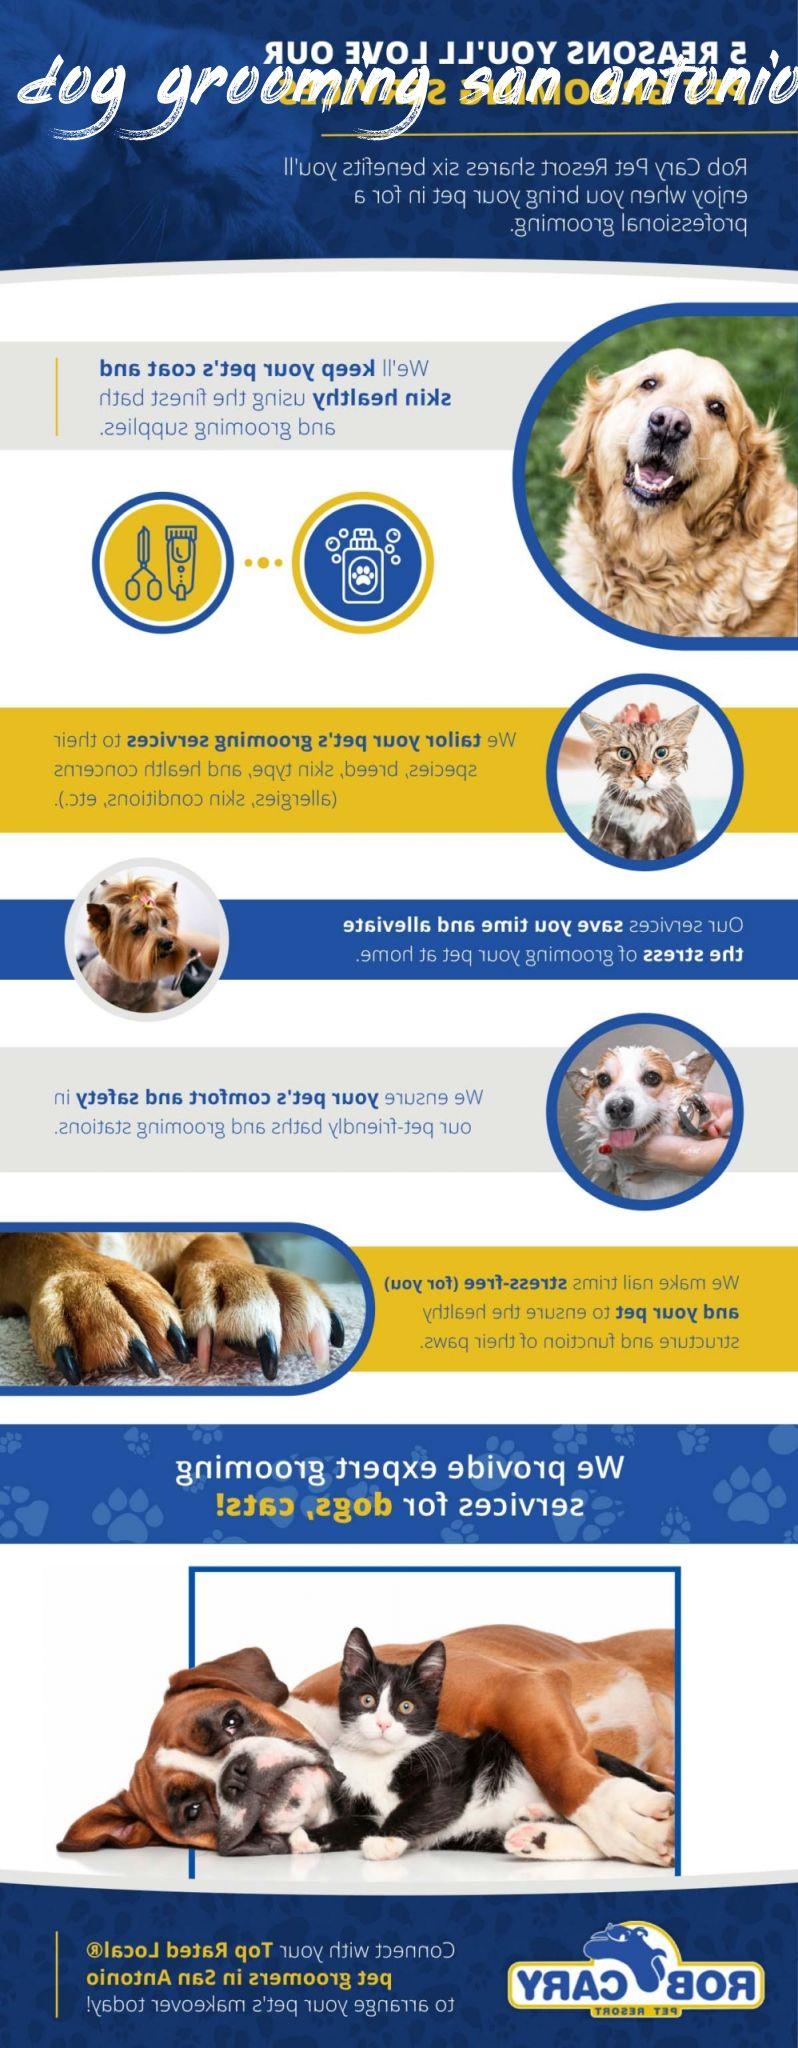 dog grooming san antonio Buyer Guide